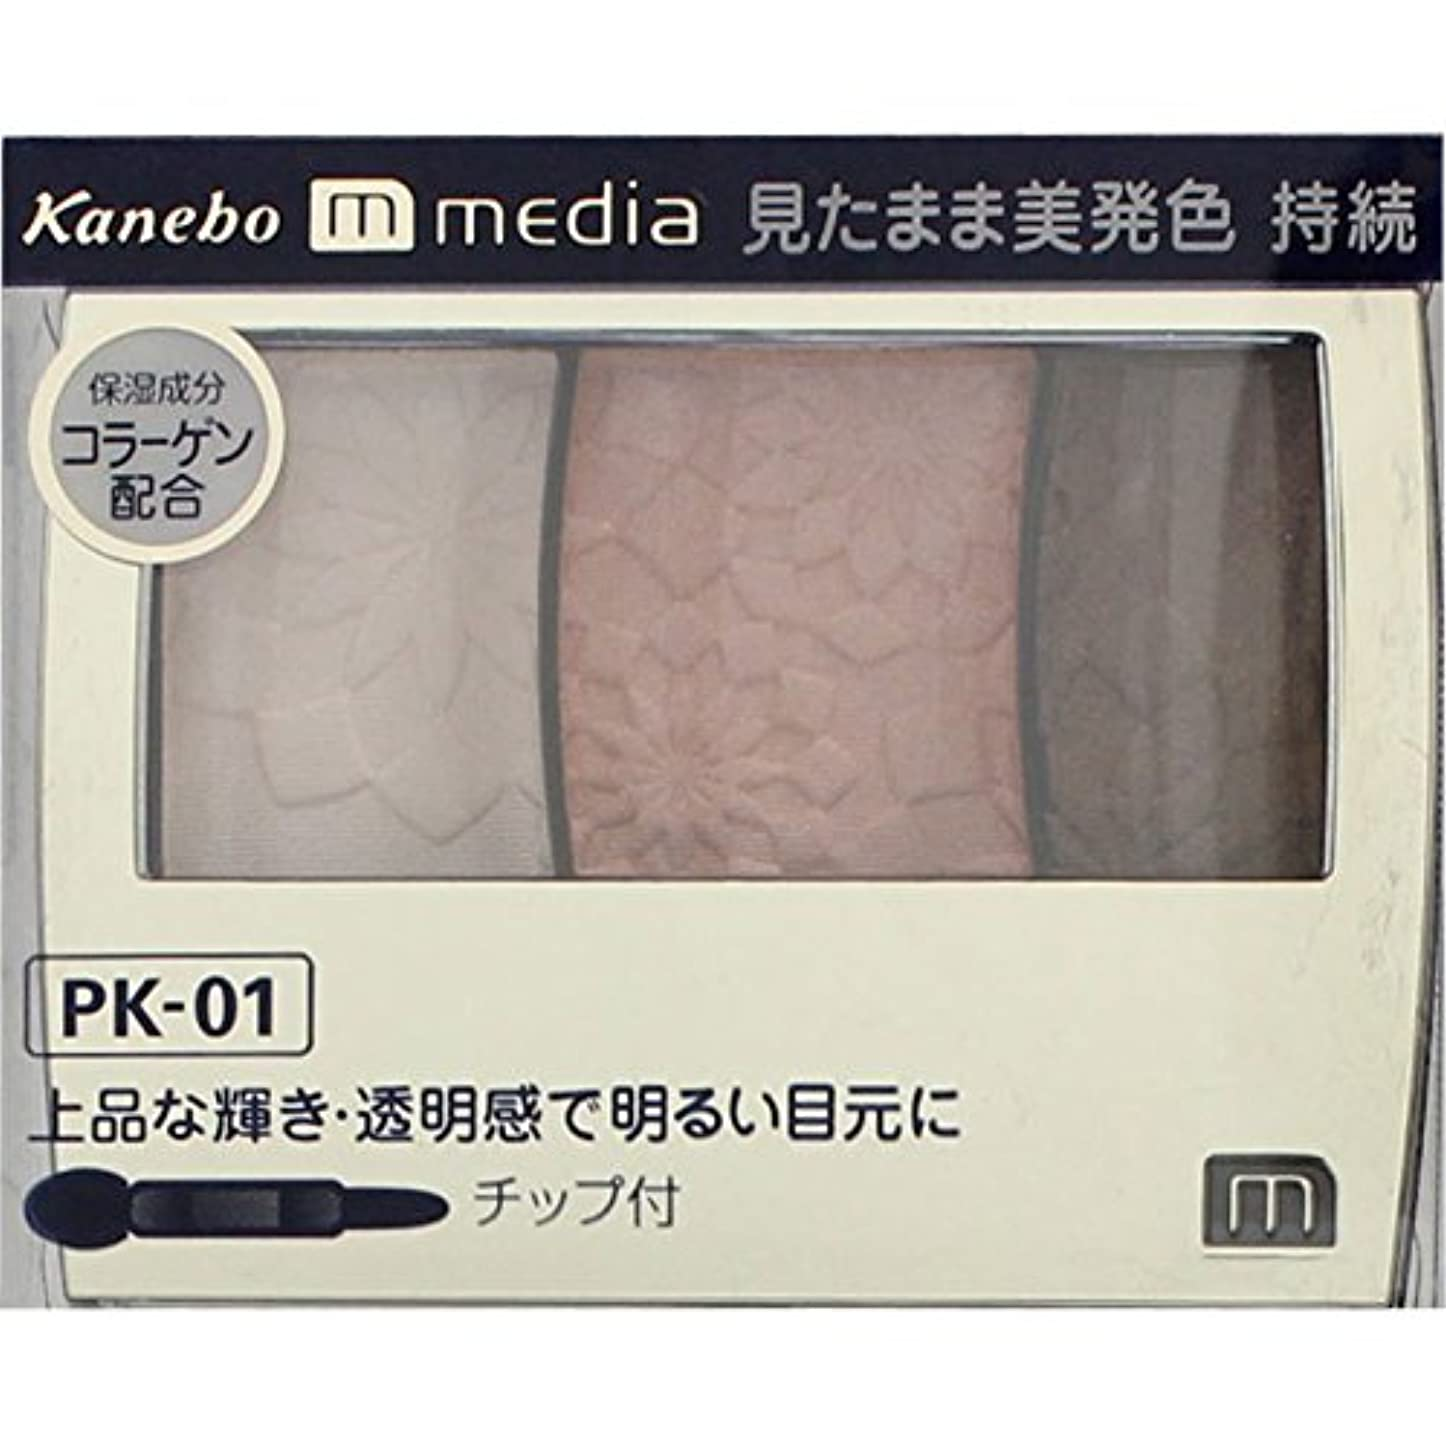 謝罪する暖かくダッシュ【カネボウ】 メディア グラデカラーアイシャドウ PK-01